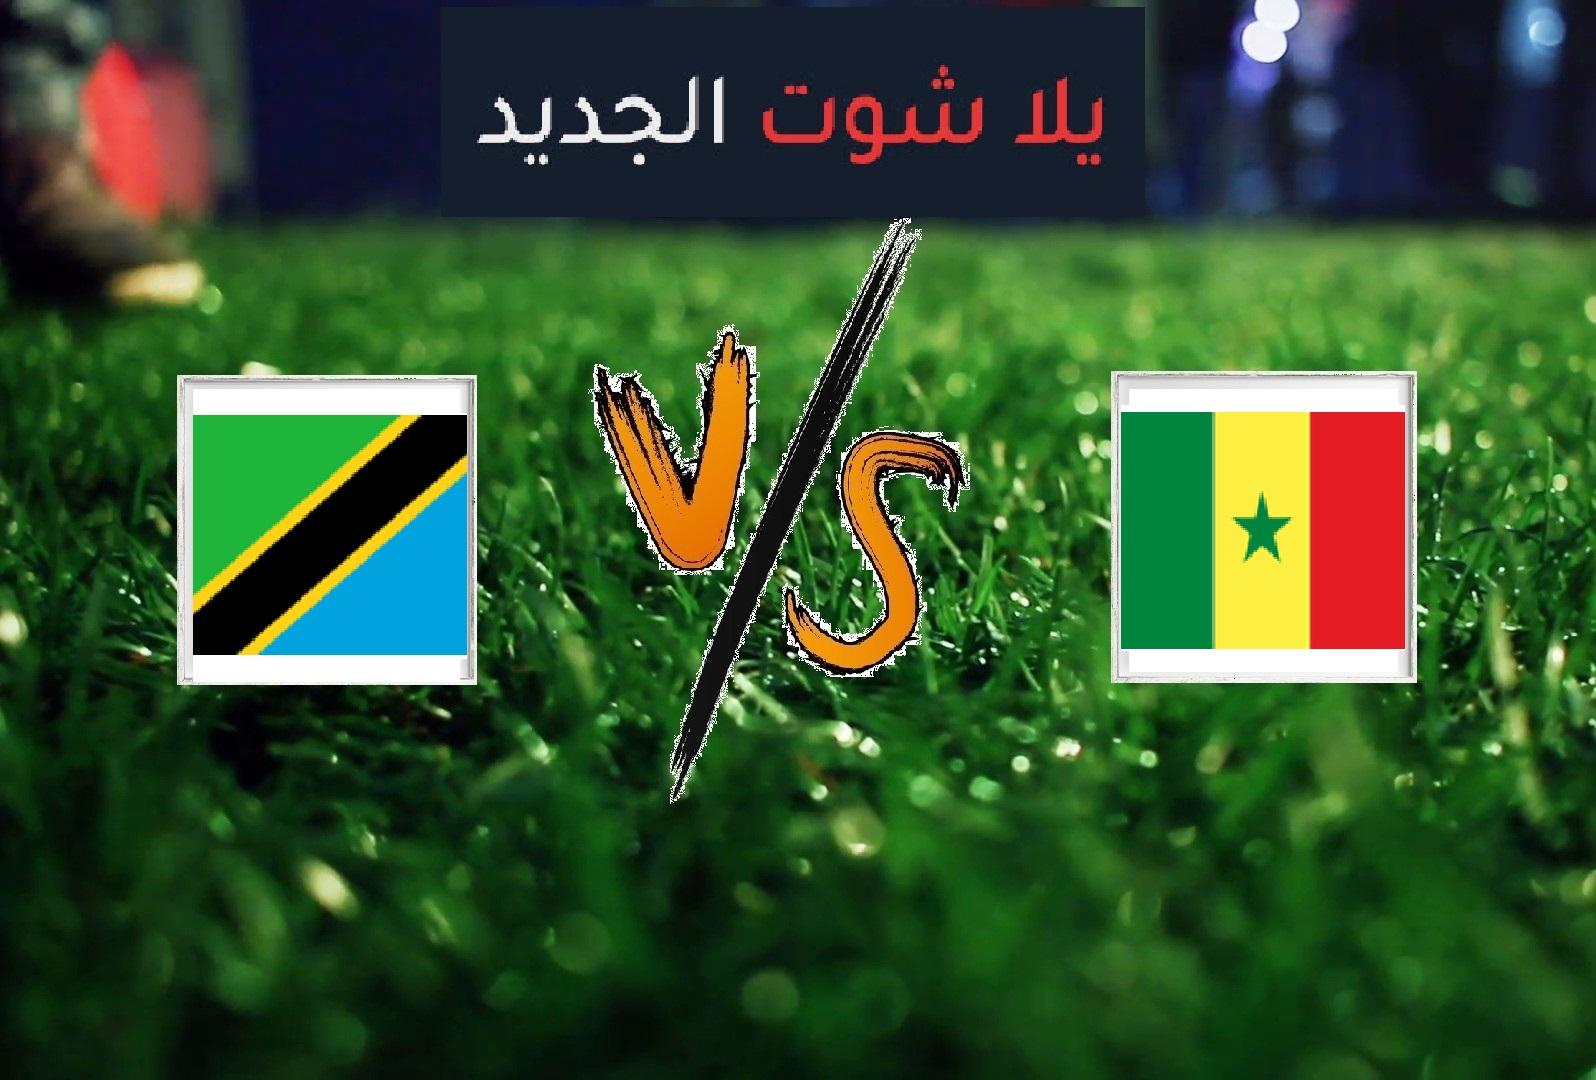 السنغال يفوز على تنزانيا بهدفين دون رد اليوم الاحد بتاريخ 23-06-2019 كأس الأمم الأفريقية